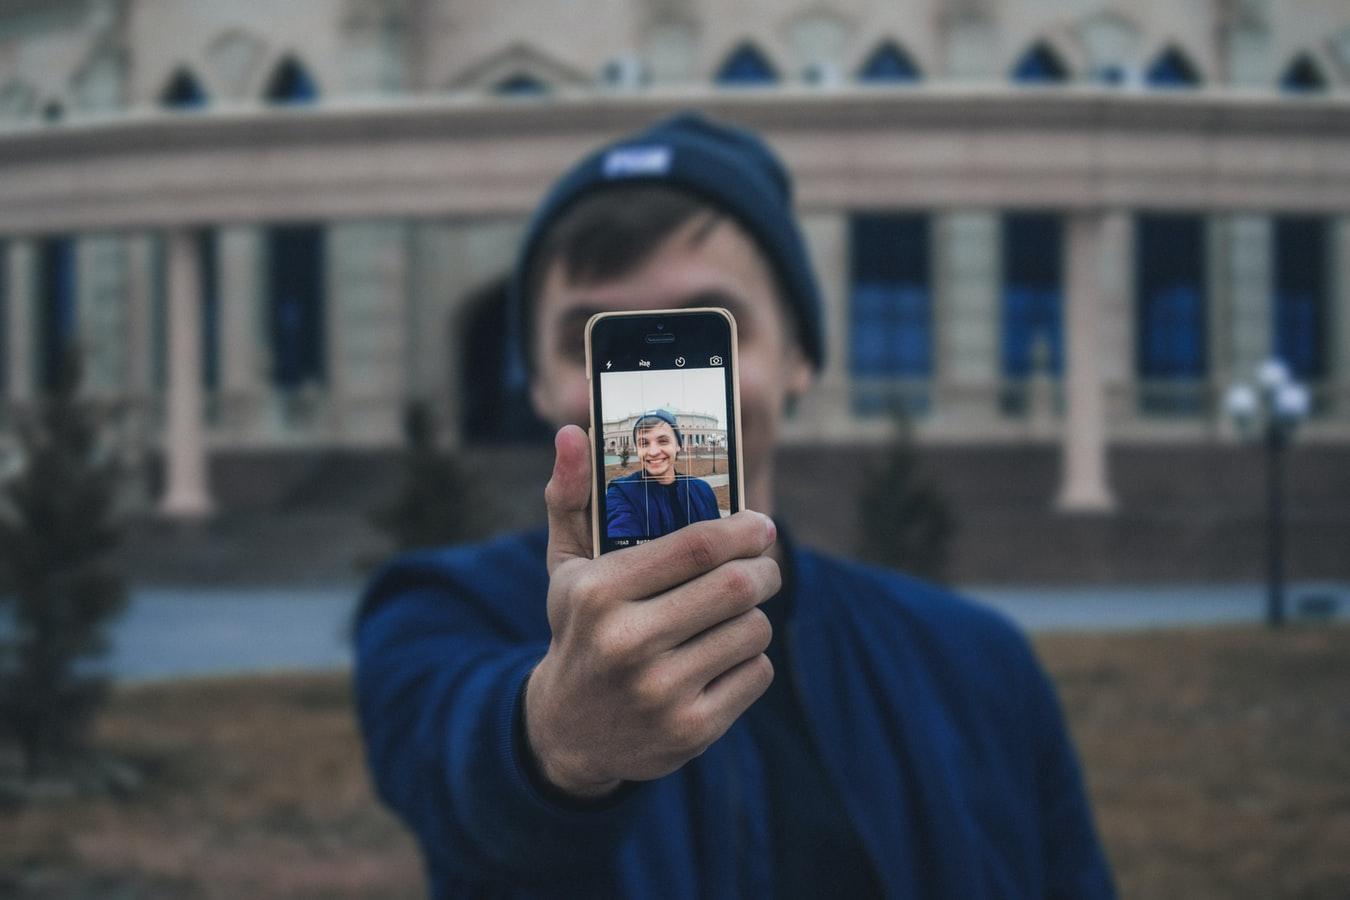 Парень держит в вытянутой руке телефон и снимает себя